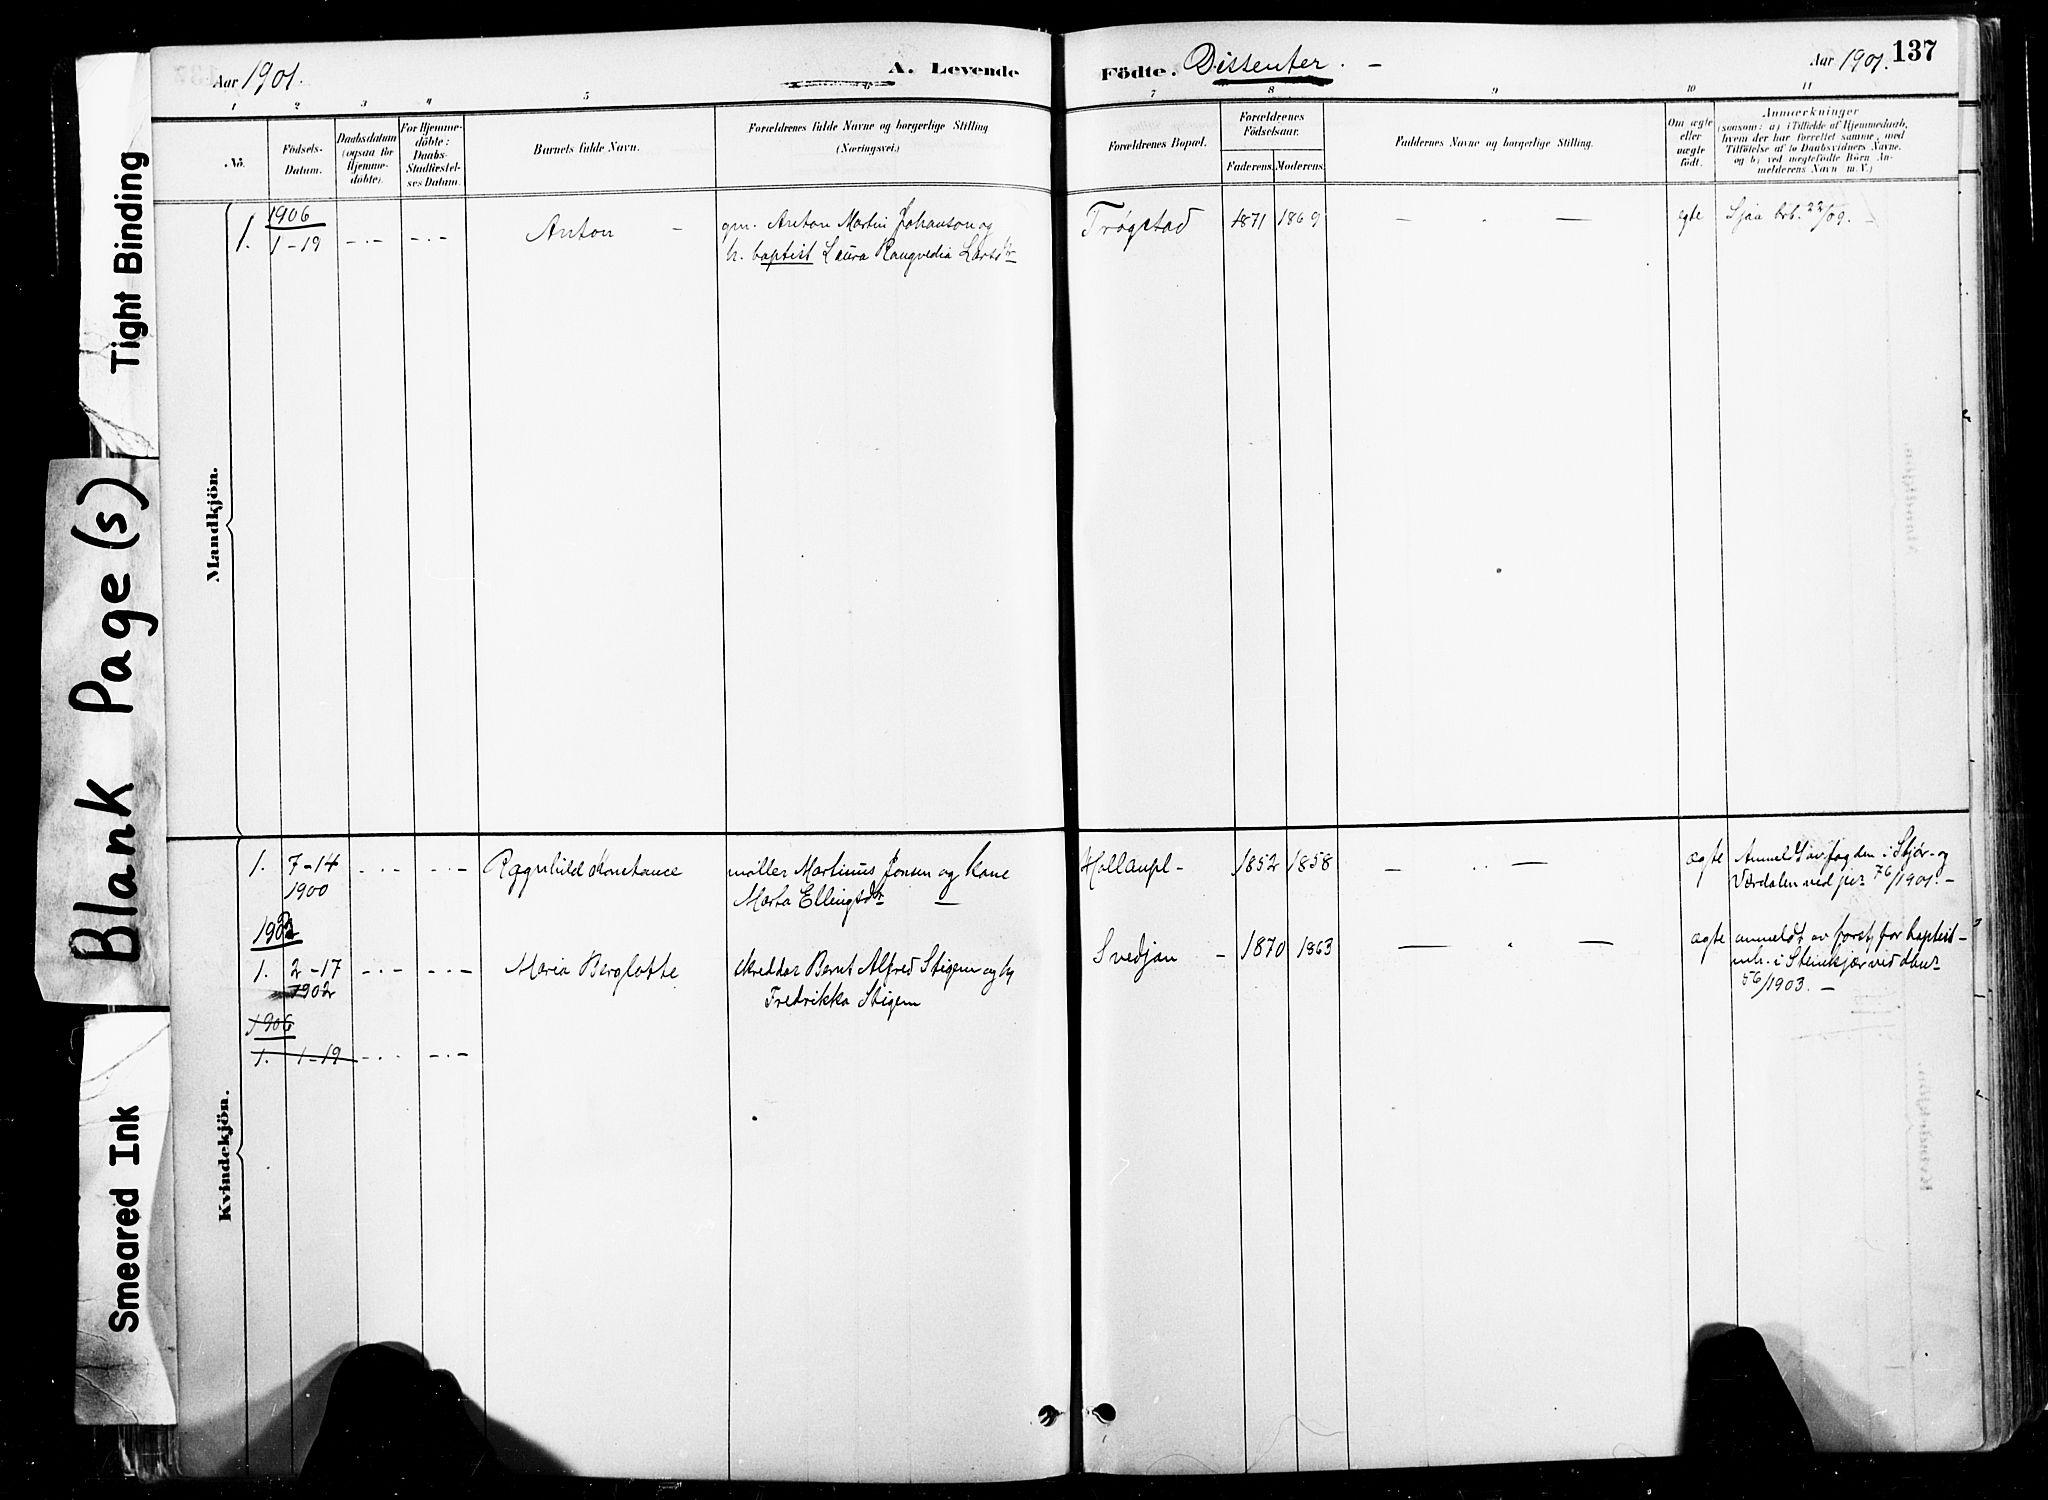 SAT, Ministerialprotokoller, klokkerbøker og fødselsregistre - Nord-Trøndelag, 735/L0351: Ministerialbok nr. 735A10, 1884-1908, s. 137